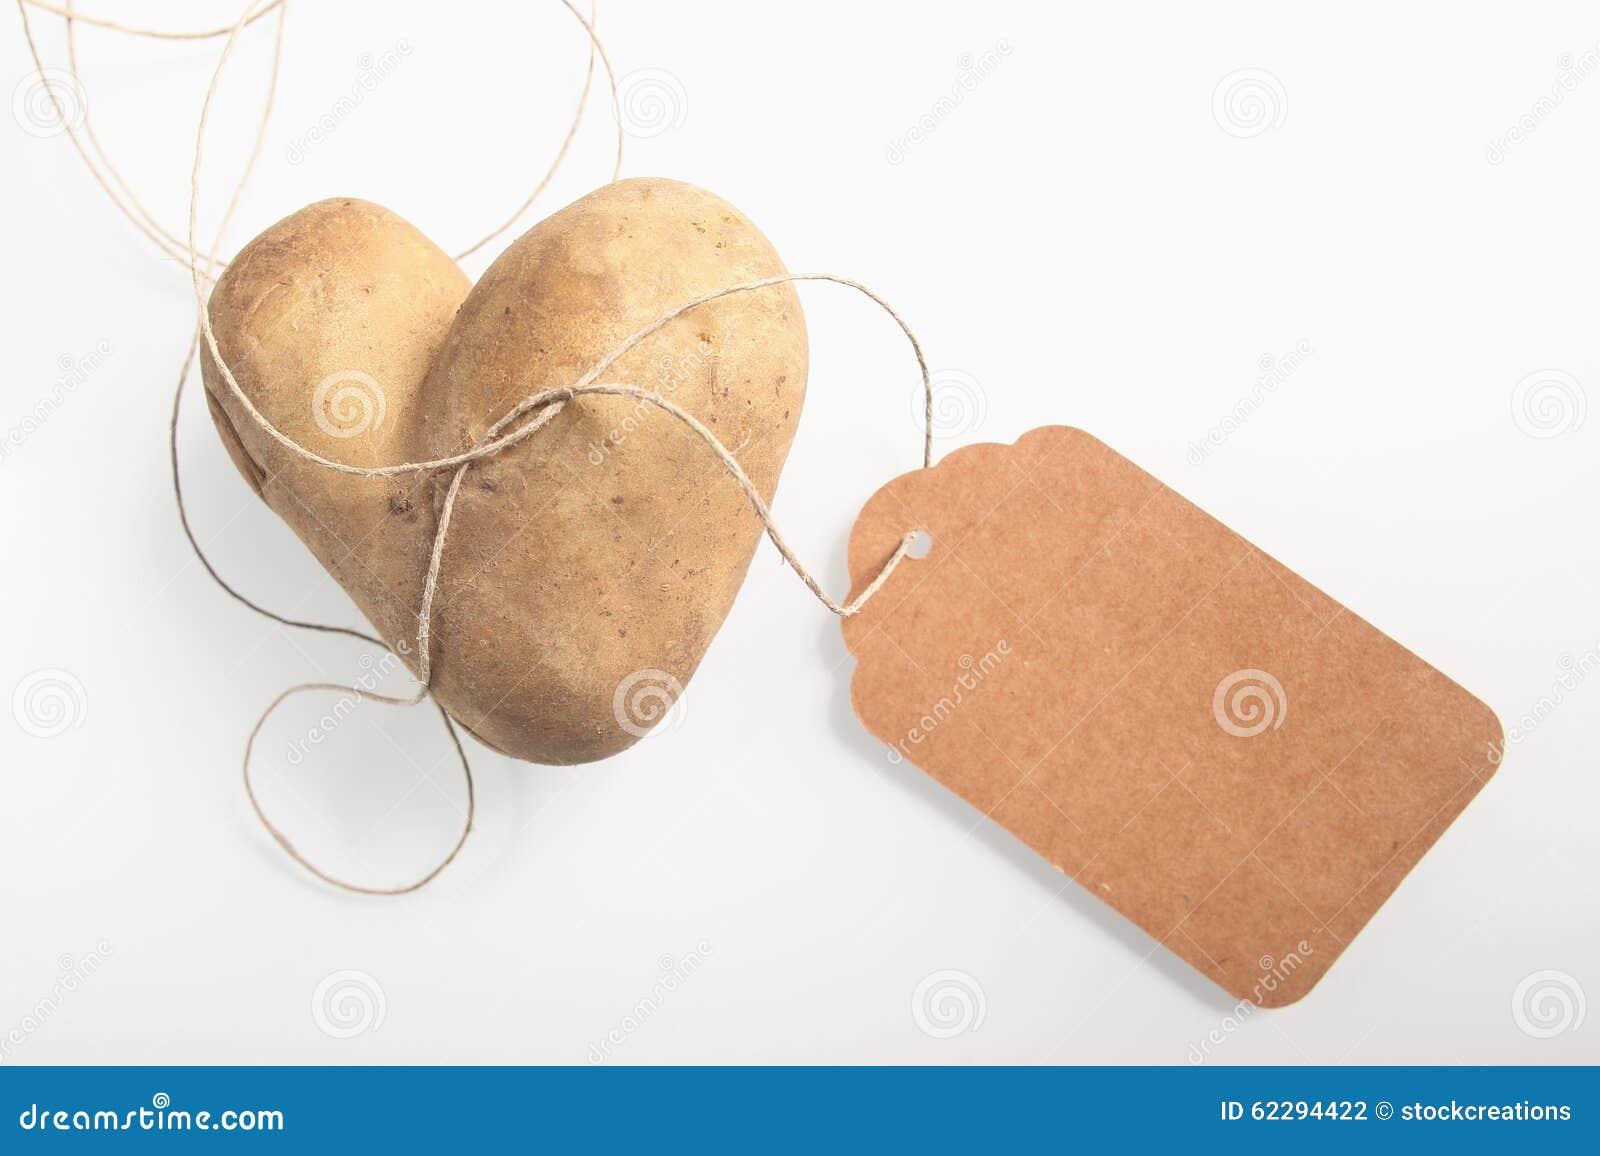 Batata fresca coração-dada forma dobro incomum